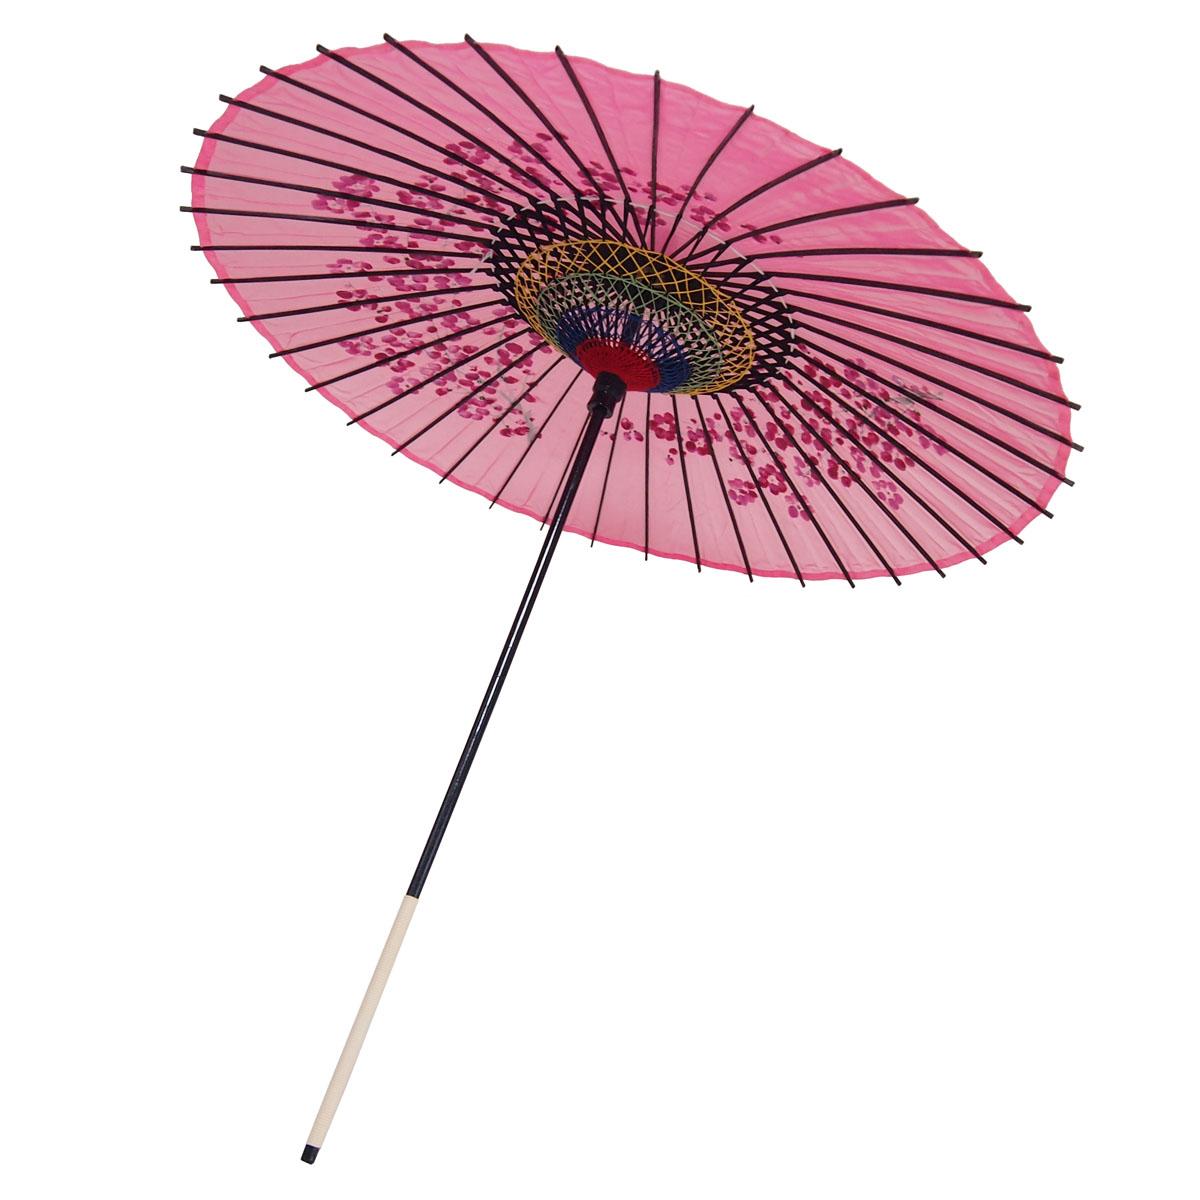 絹傘 桜絵 ピンク